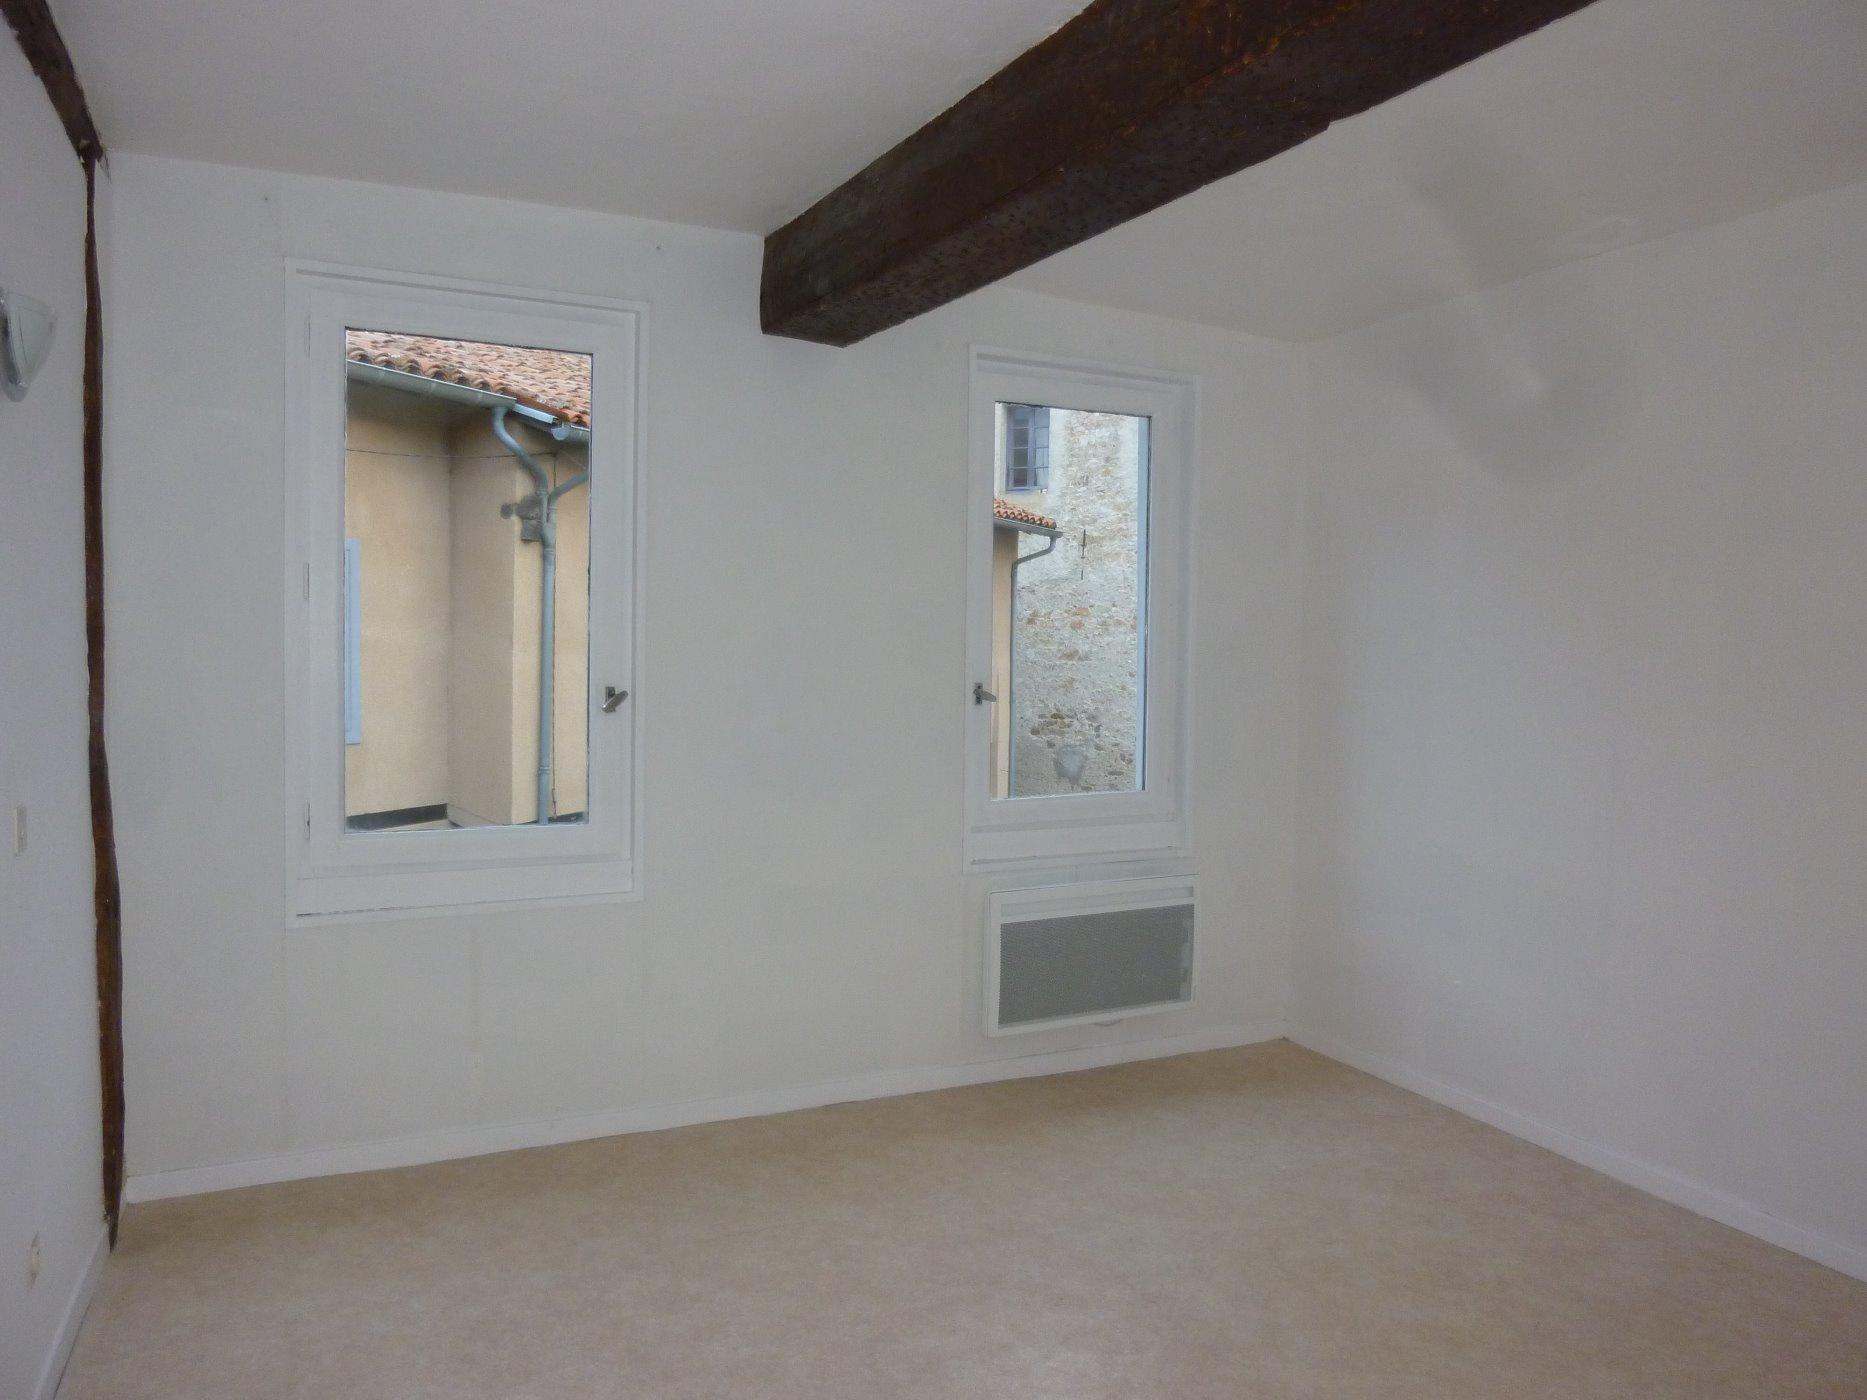 Chambre 2 (vue 1)